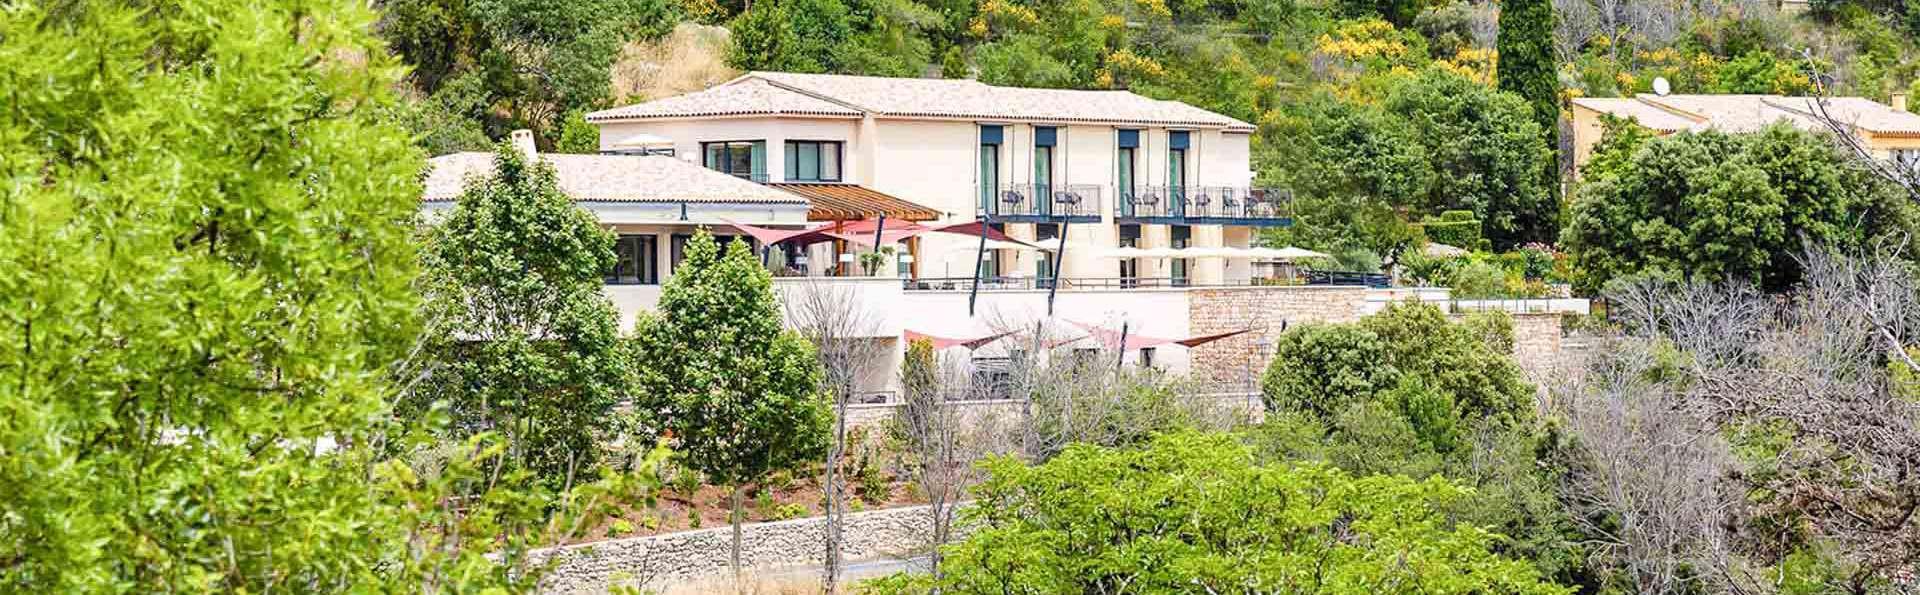 Farniente ou randonnées, découvrez la montagne Sainte-Victoire depuis un élégant hôtel 4*